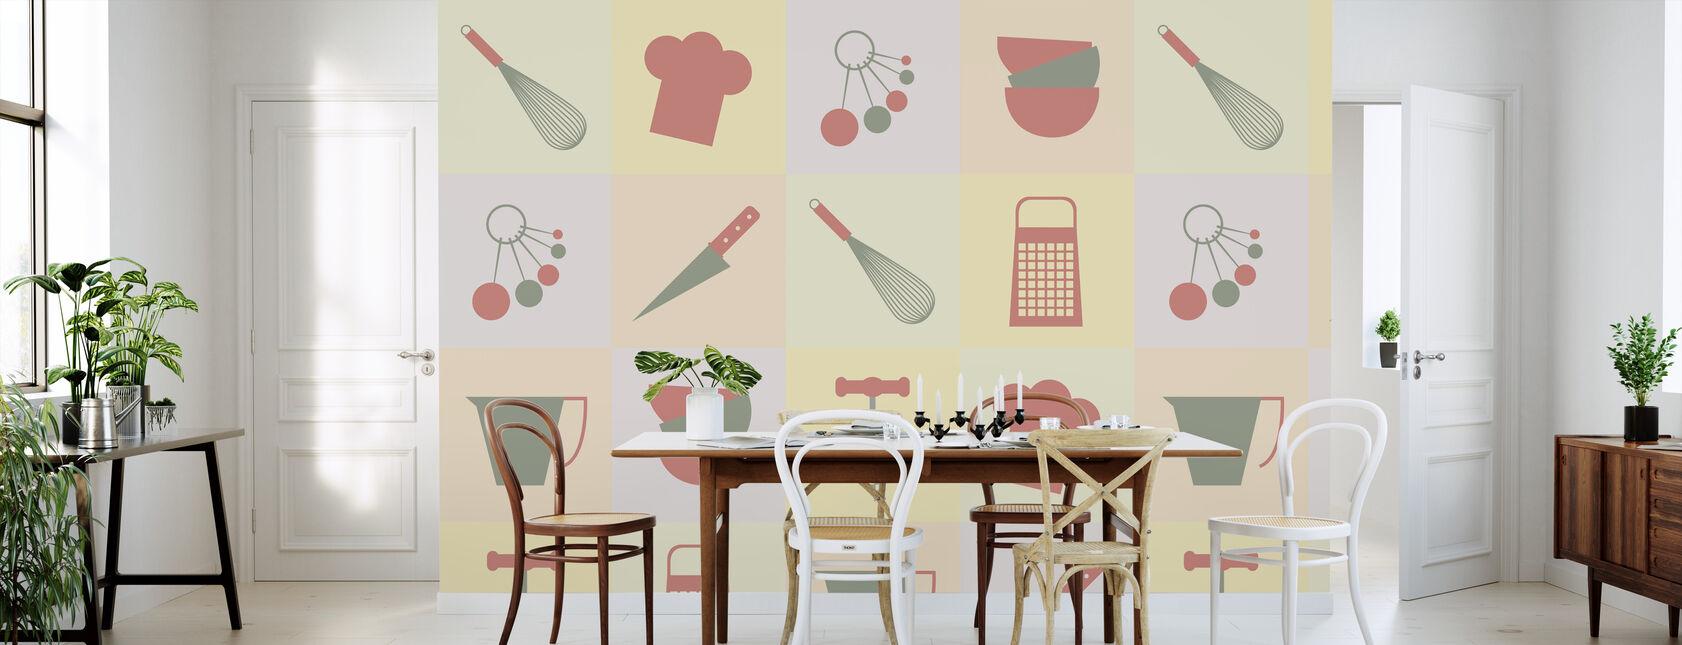 Dalston Kjøkken - Tapet - Kjøkken